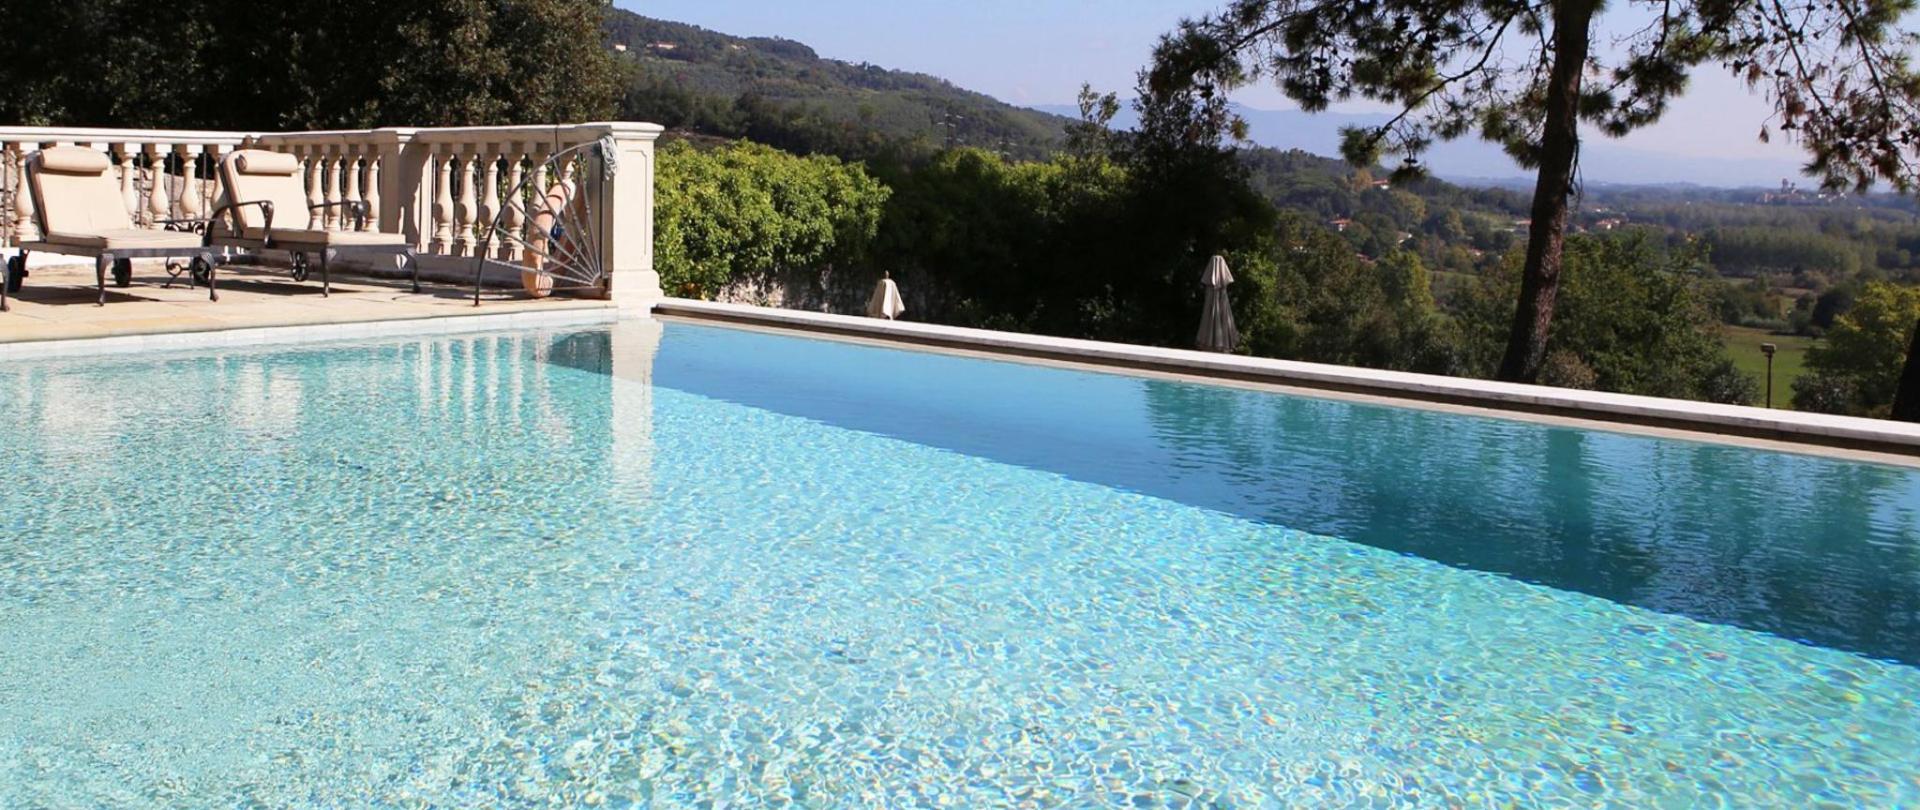 hotel_villa_casanova_lucca.jpg